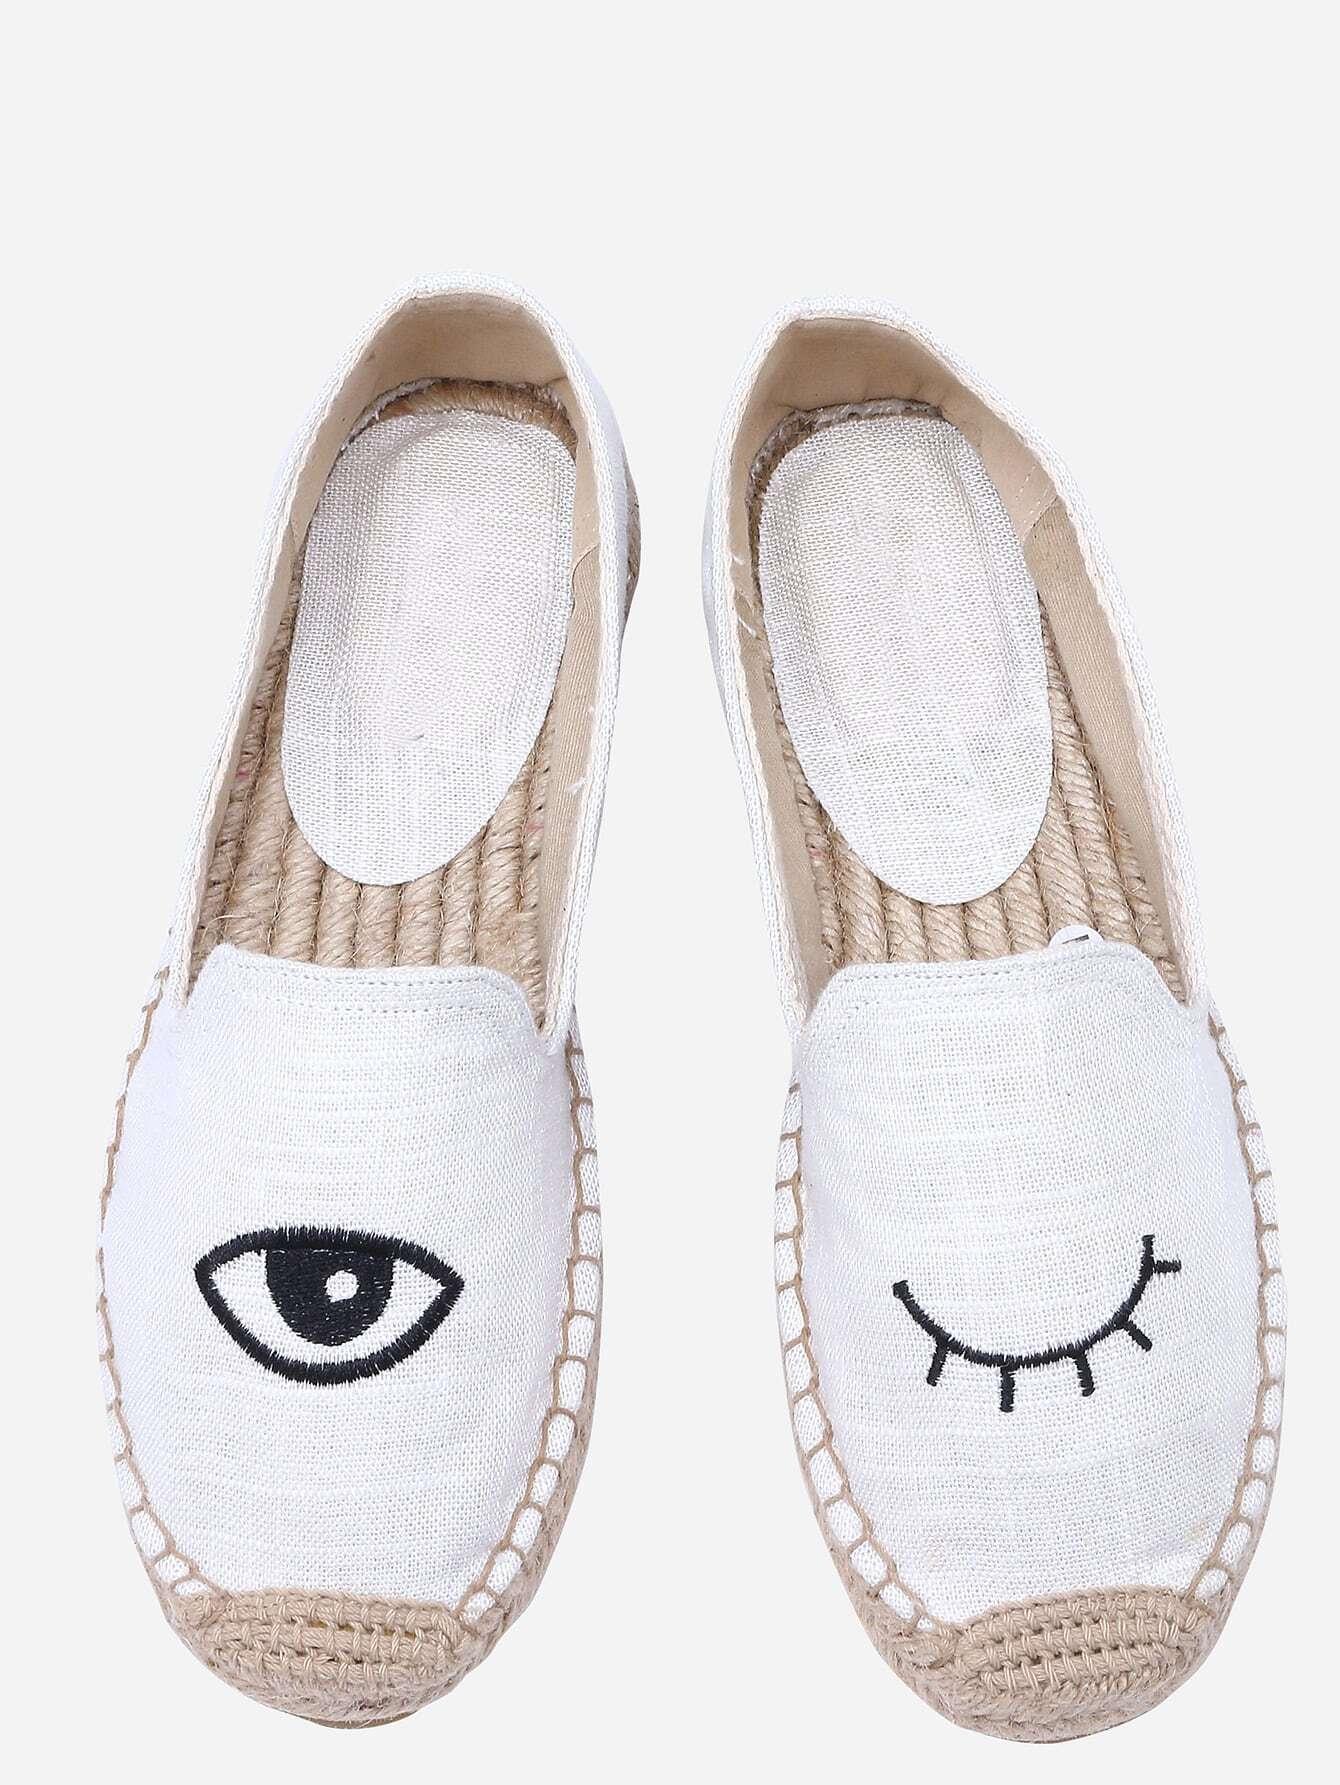 shoes160824805_2